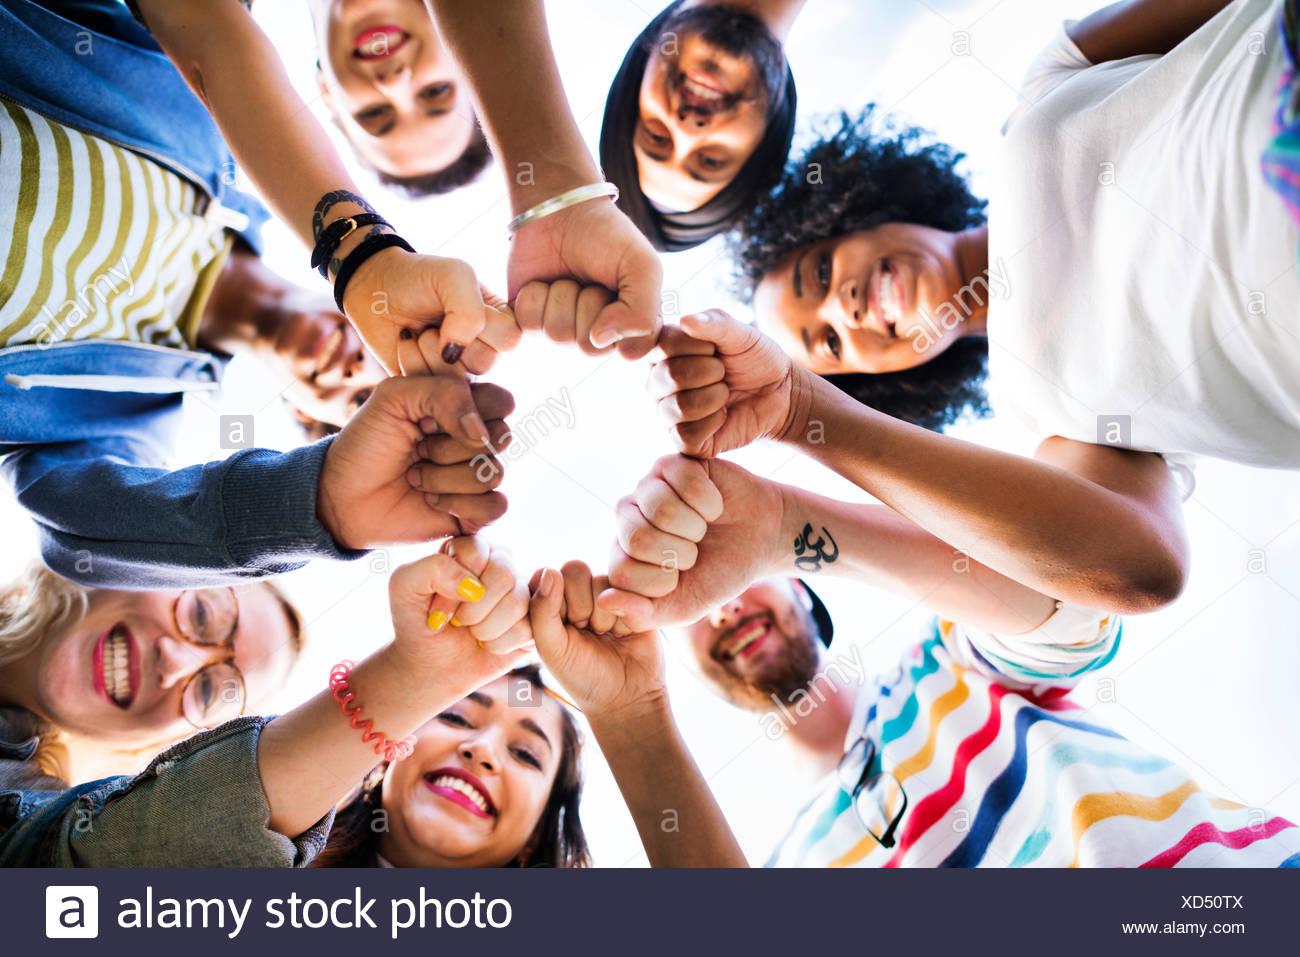 Freunde Faust zusammen Kreis Teamwork-Konzept Stockbild